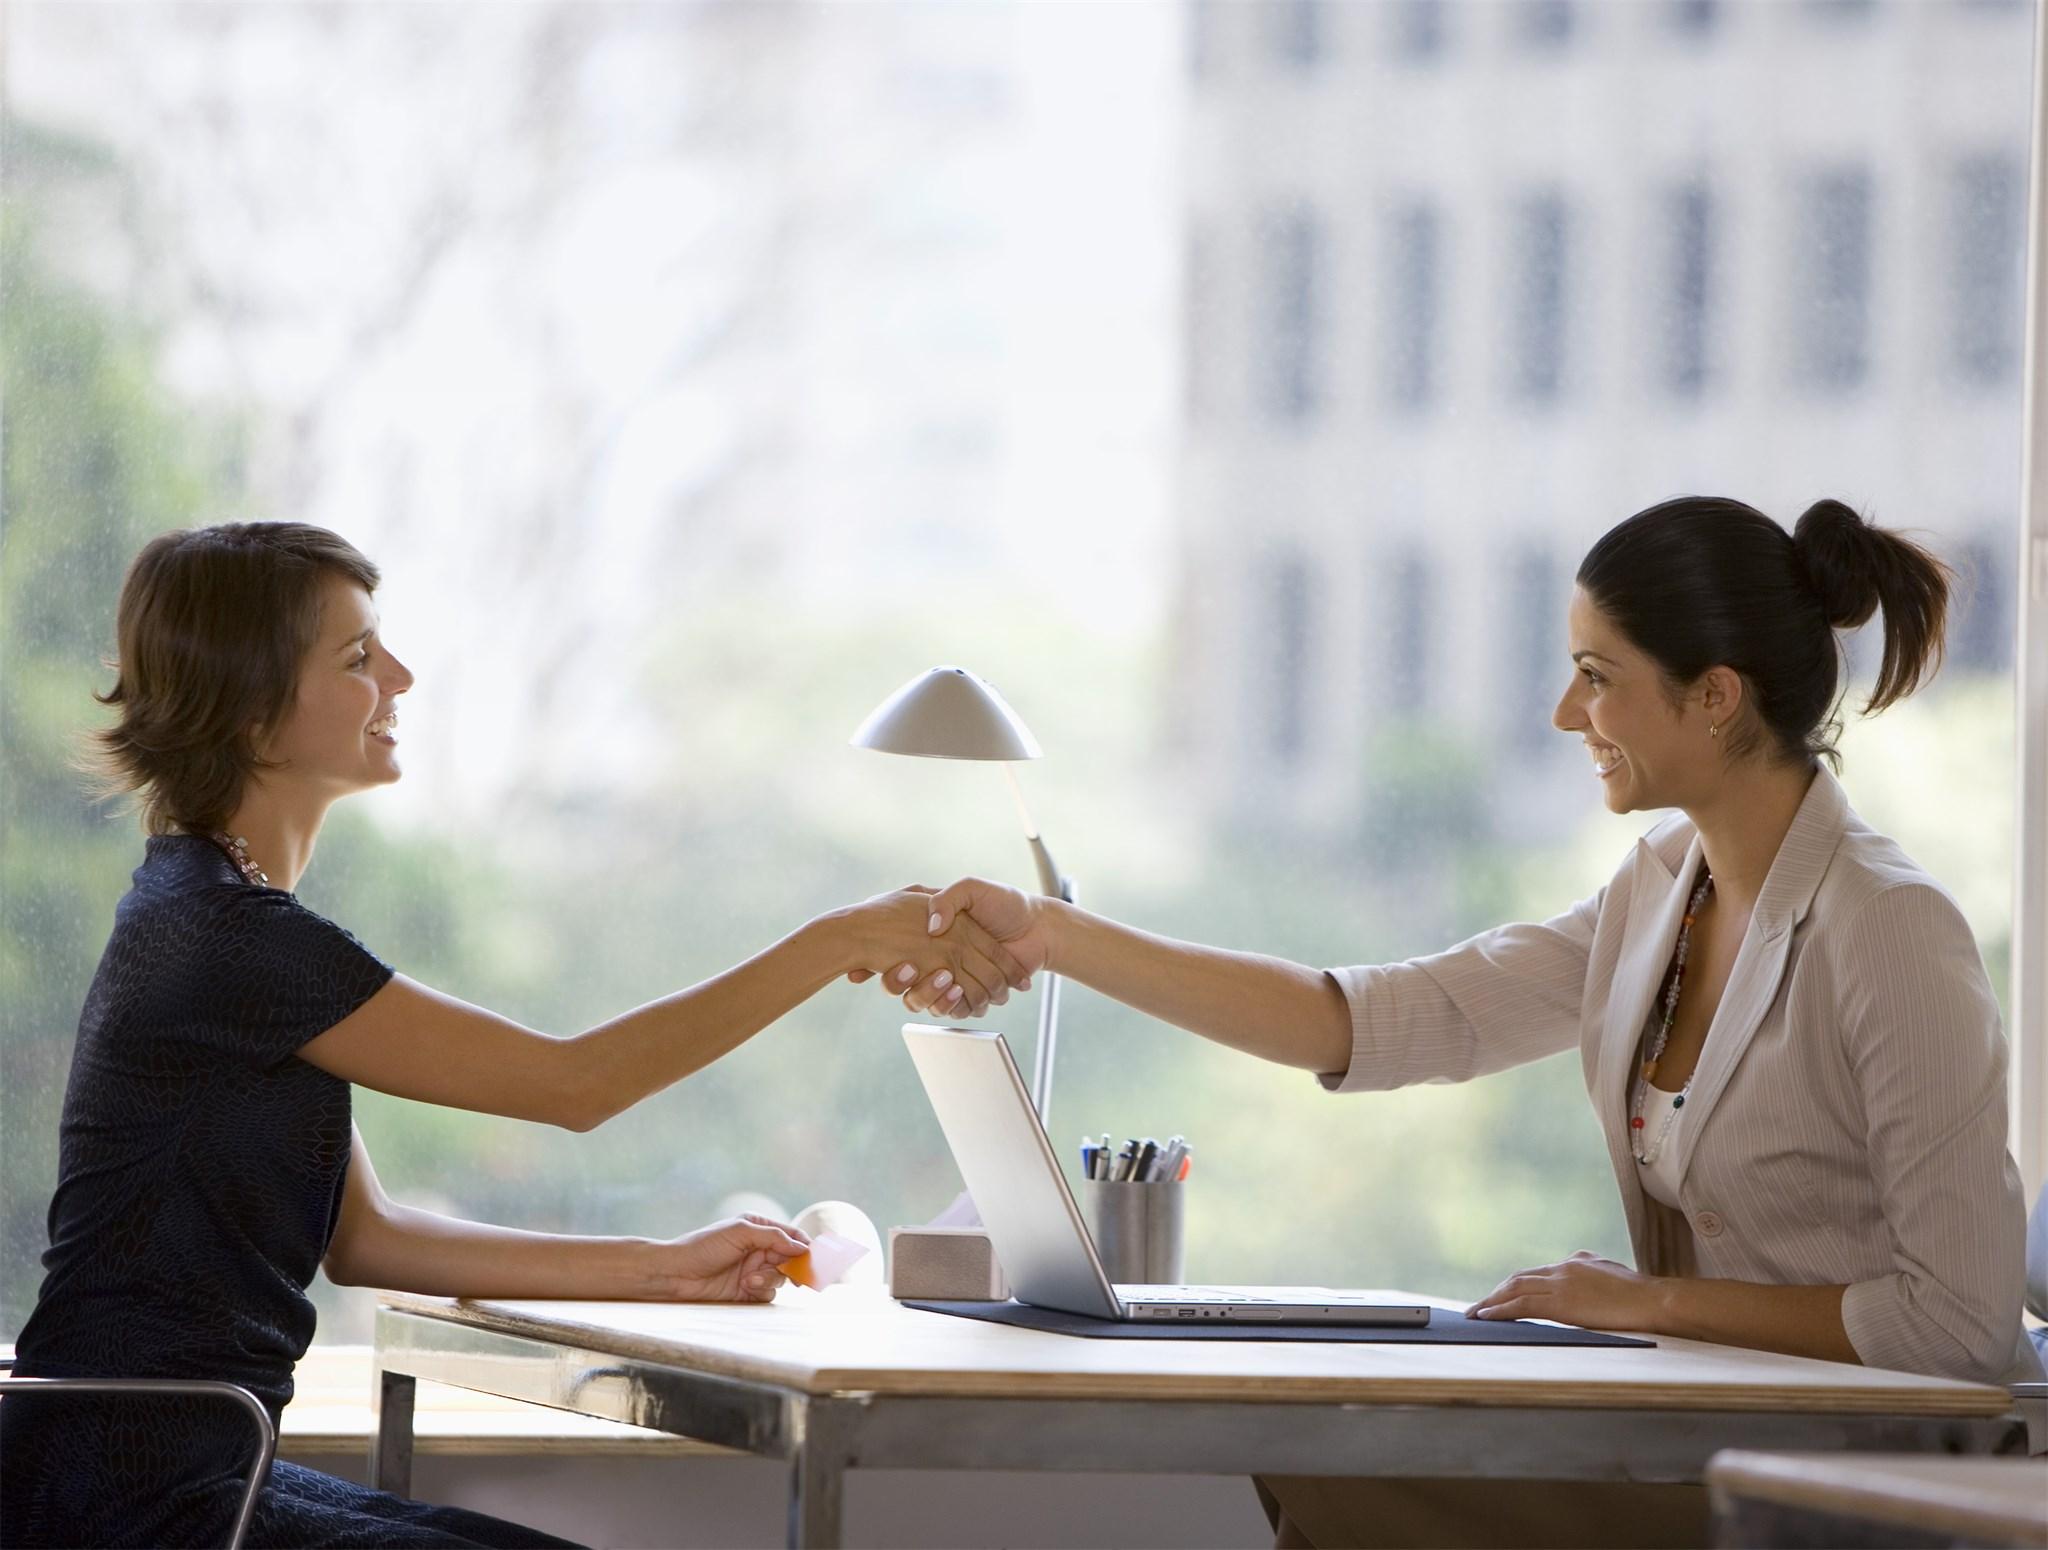 как предоставить удовольствие своему партнеру большей